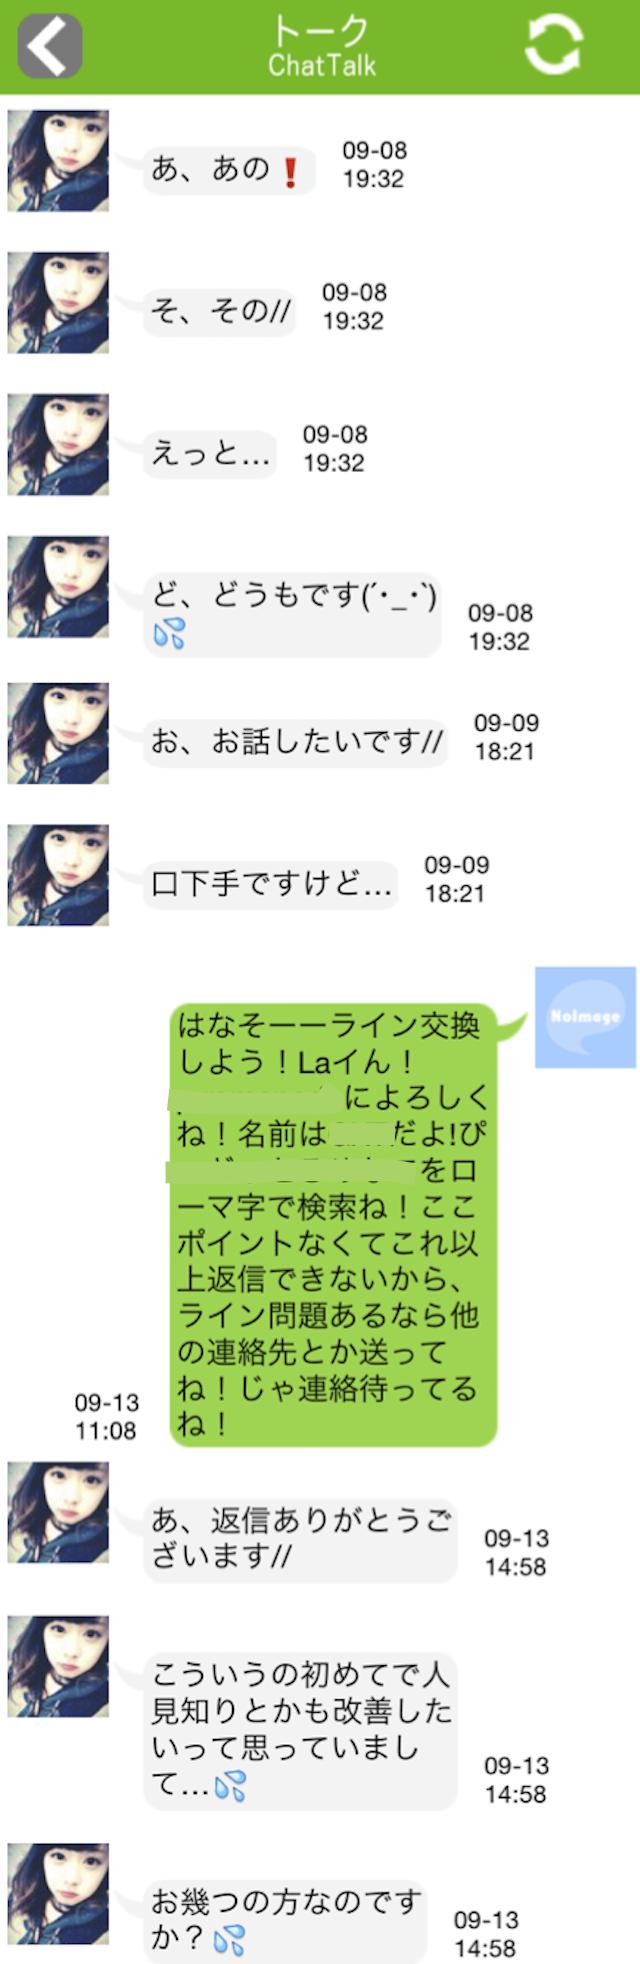 ツイトーク_アプリ4